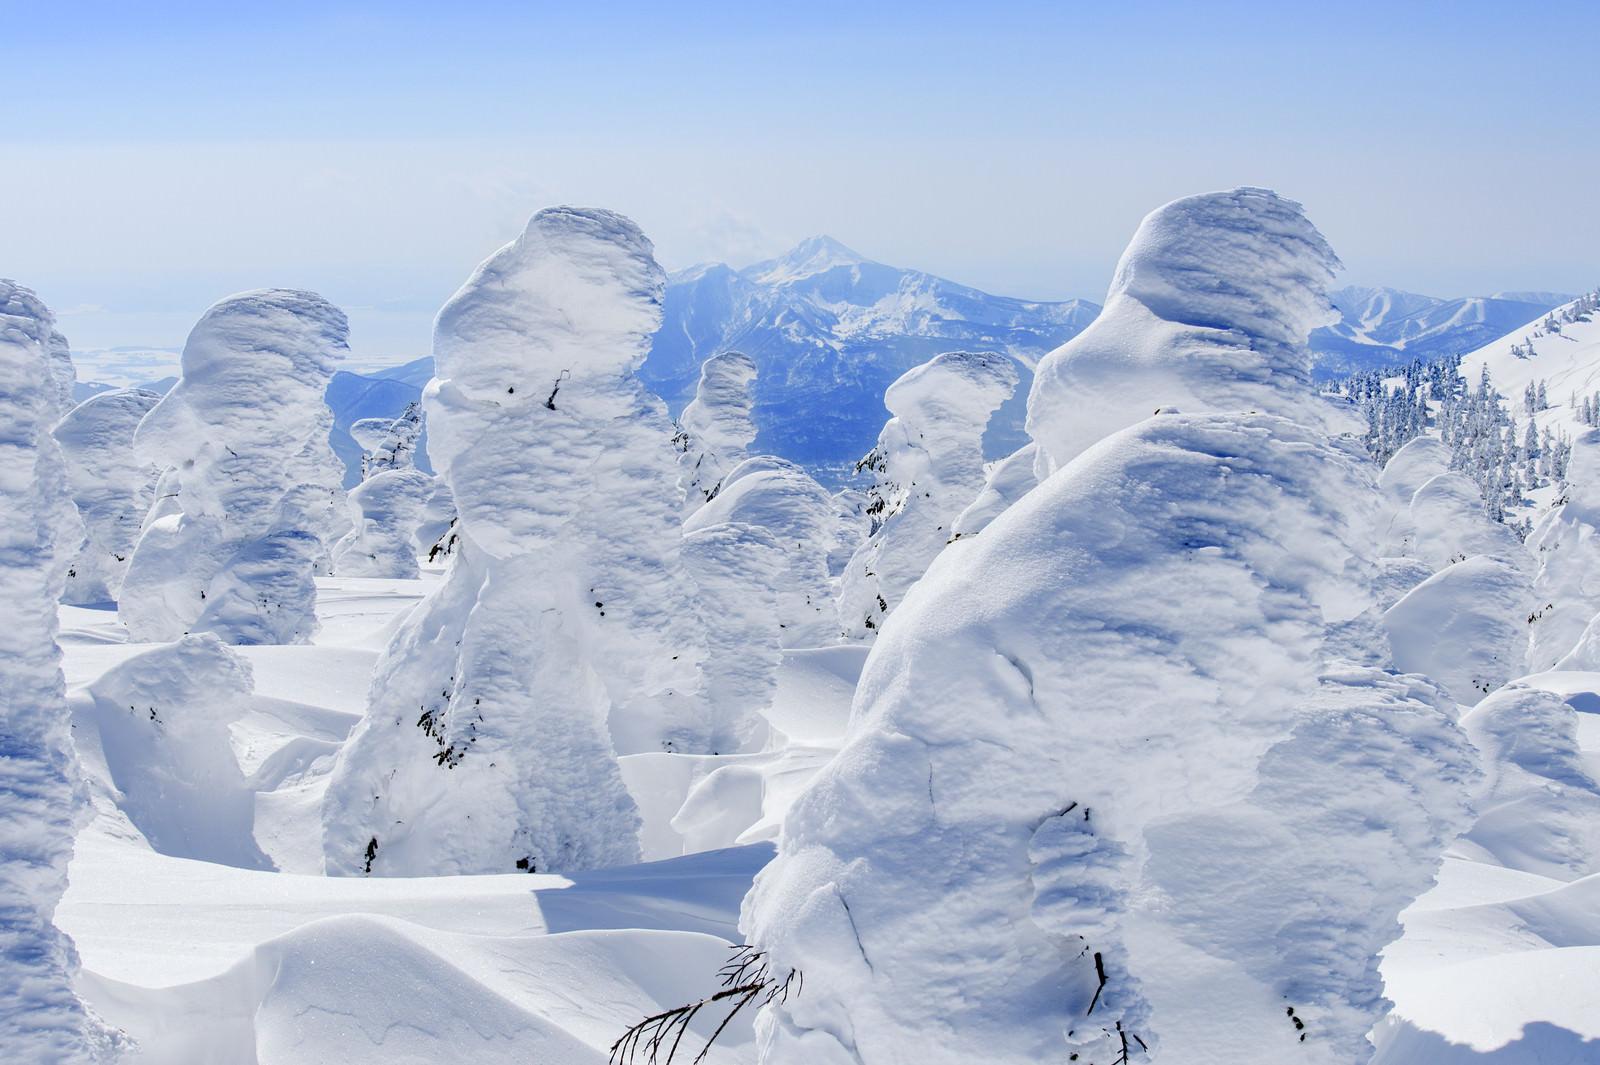 「樹氷越しに見える磐梯山(バンダイサン)」の写真